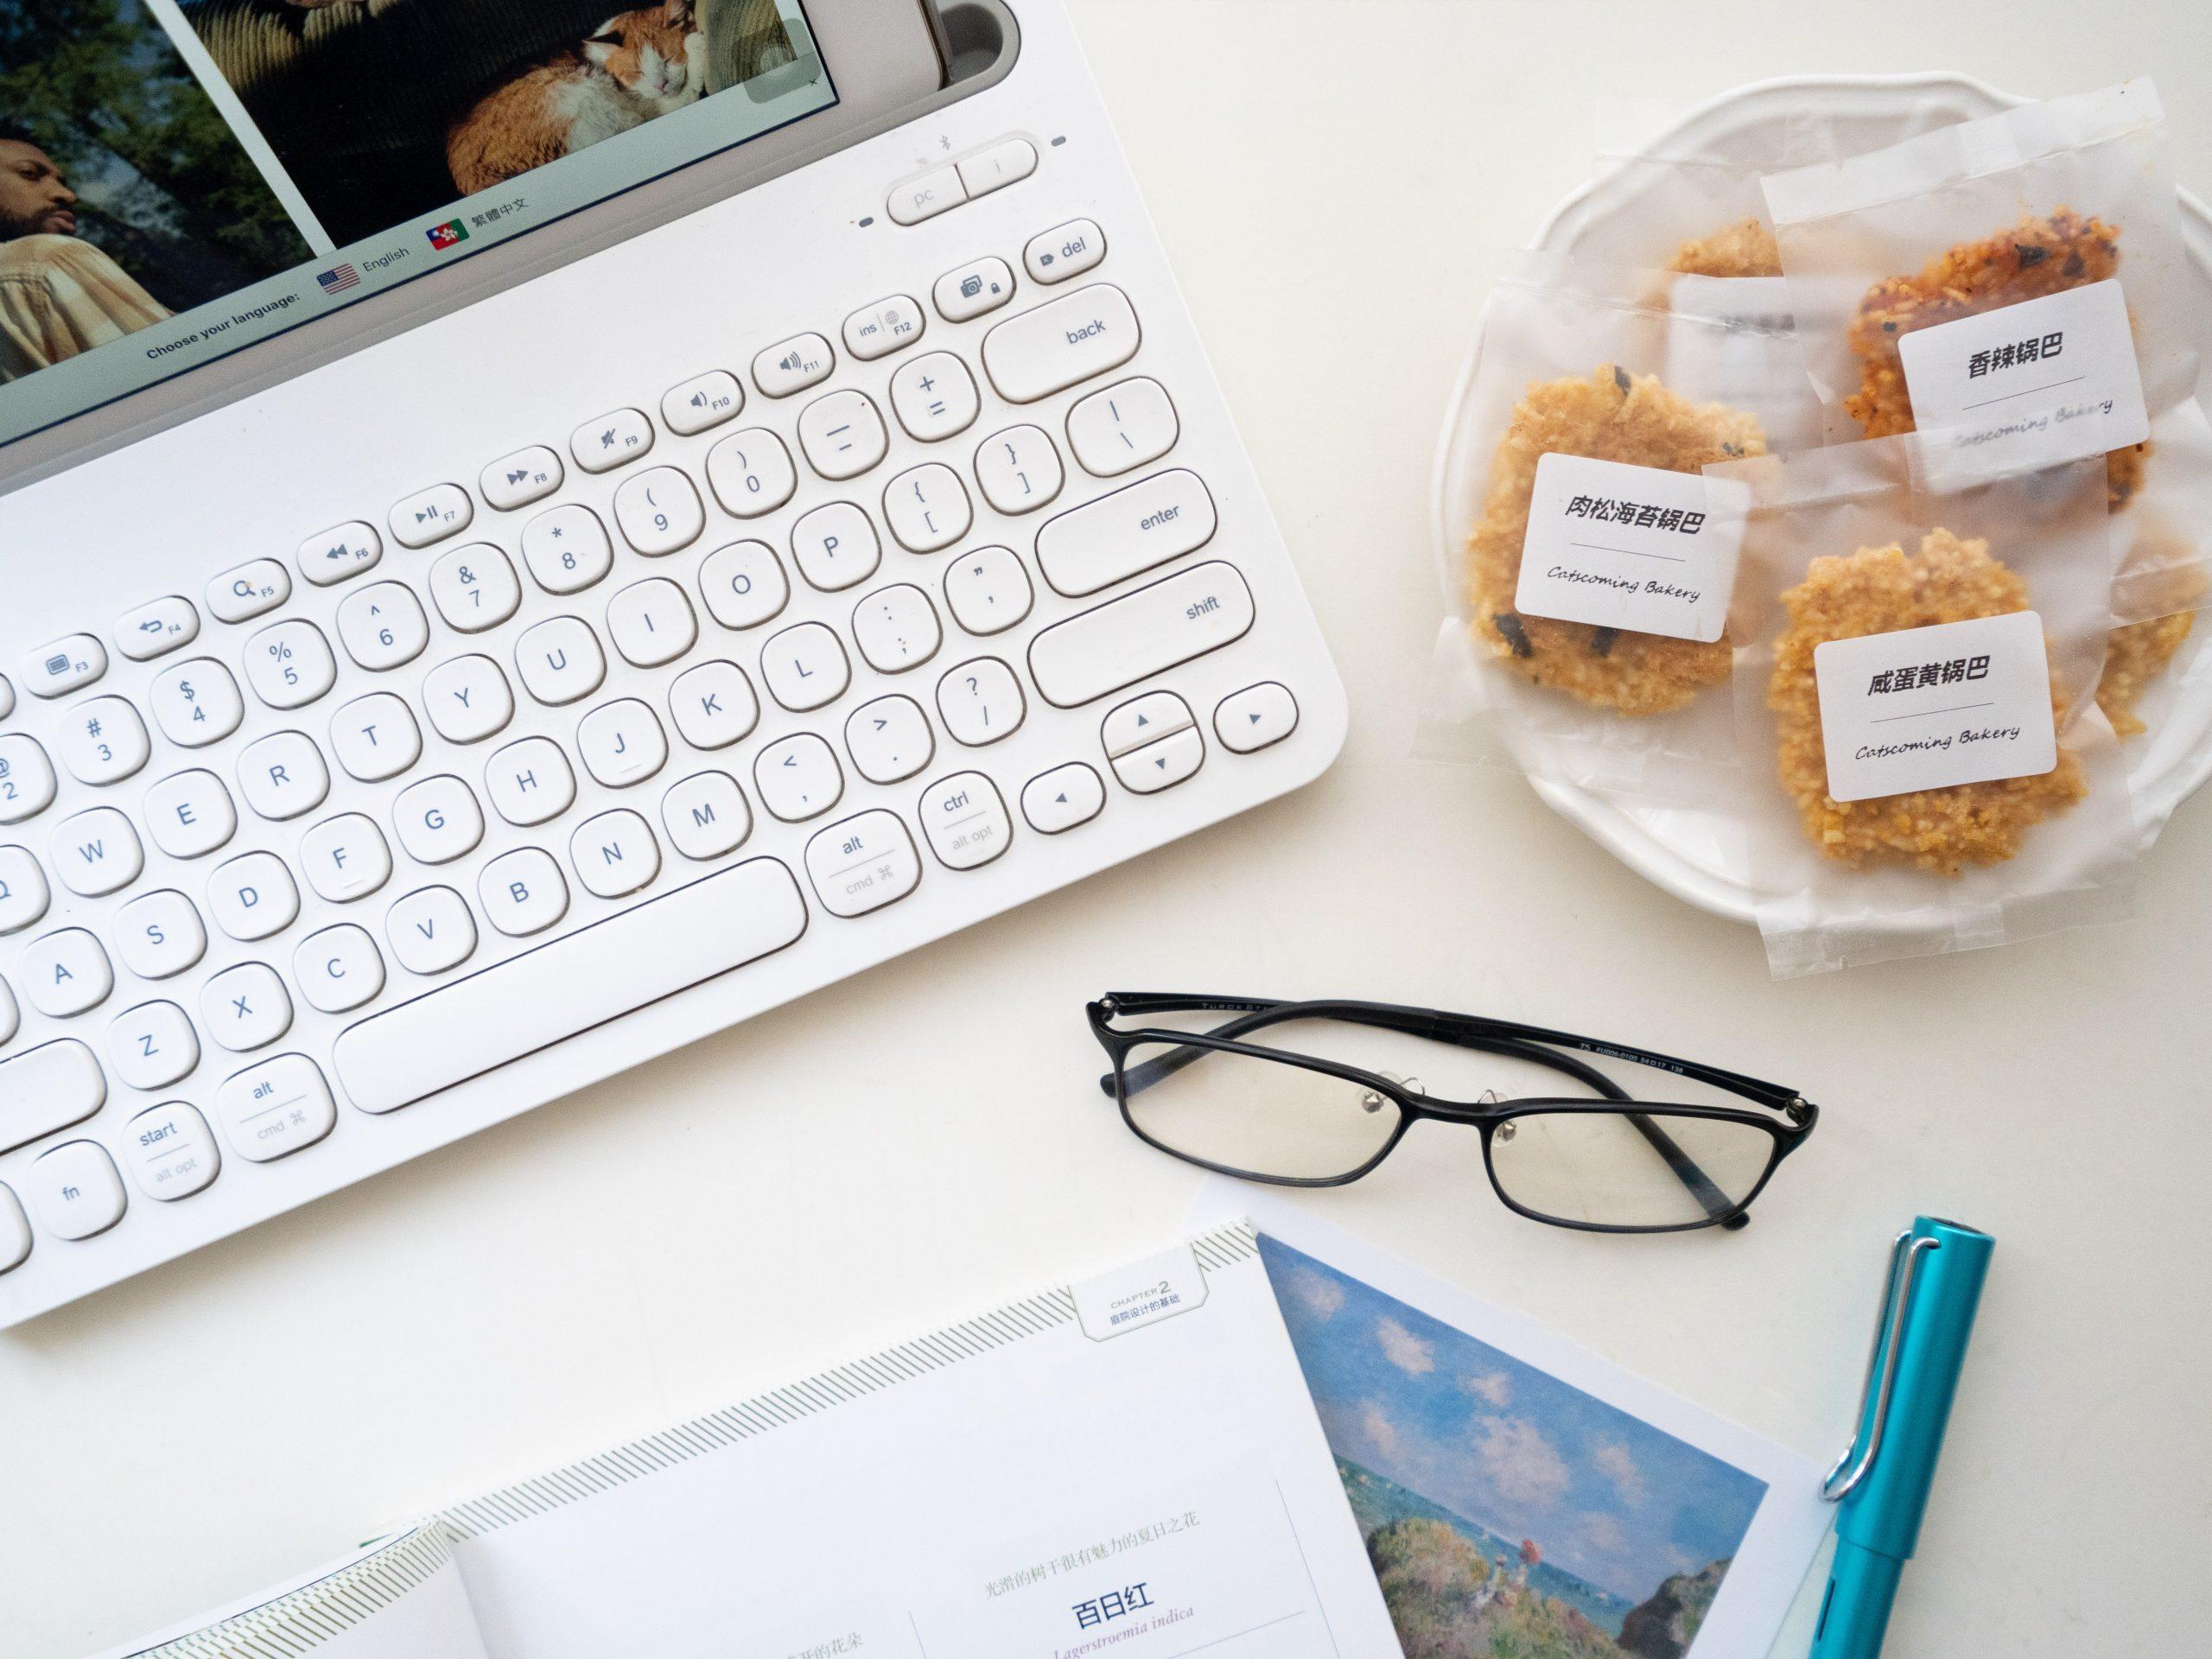 Imagem de alguns pacotes de biscoito etiquetados.